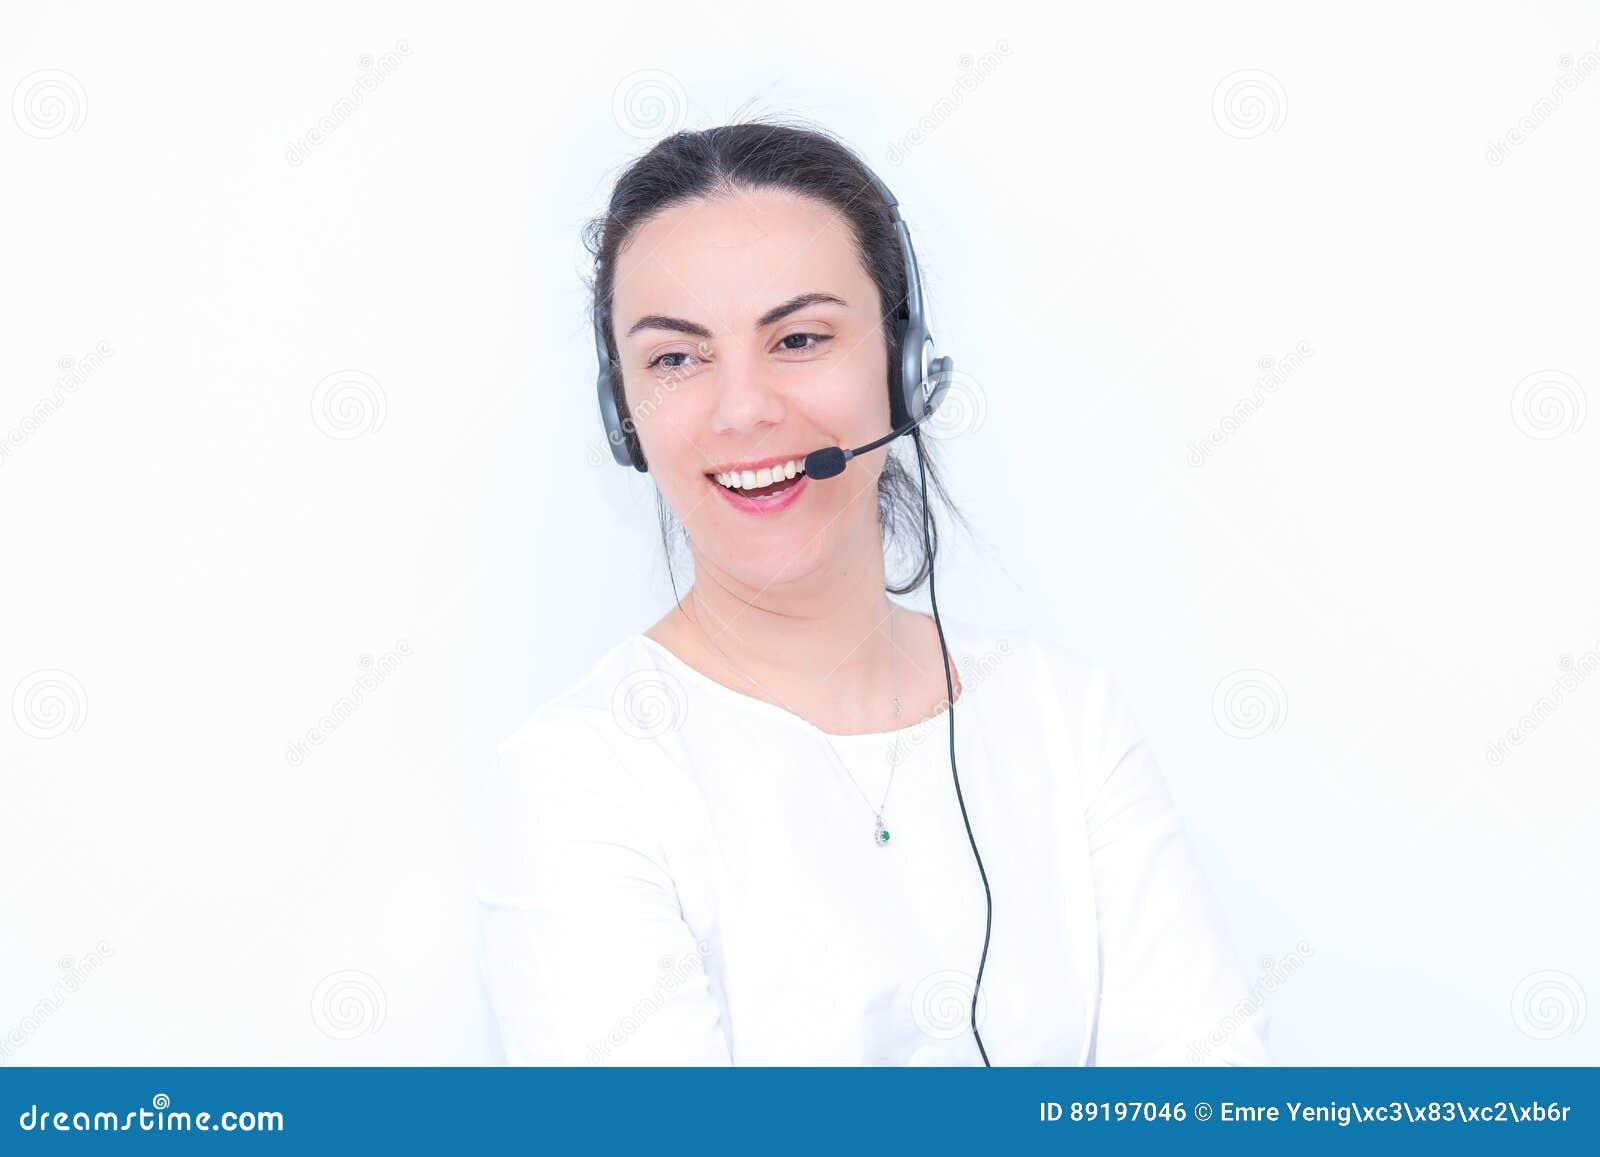 Centro de atención telefónica de la mujer